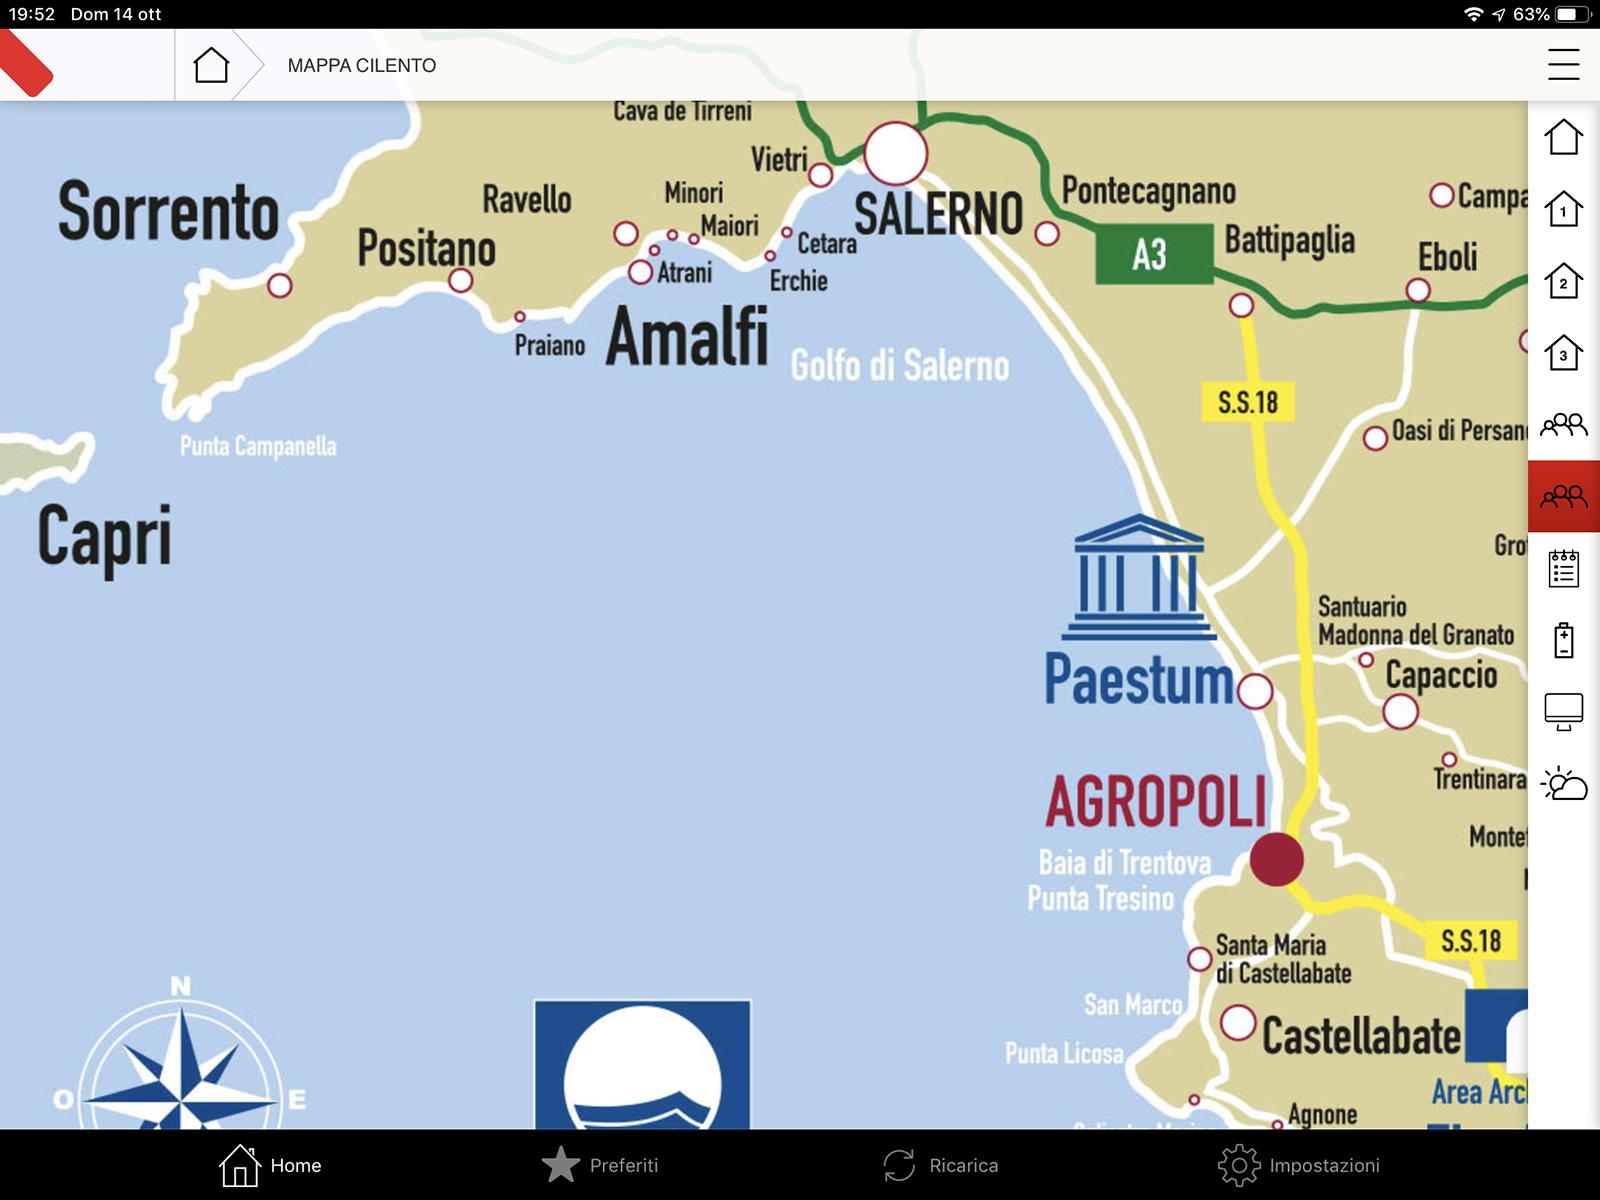 domotica knx konnex b&b bed and breakfast Break For Two impianto domotico Sonos Ekinex supervisione Ikon Domoticalabs Agropoli Capaccio Battipaglia Salerno 17